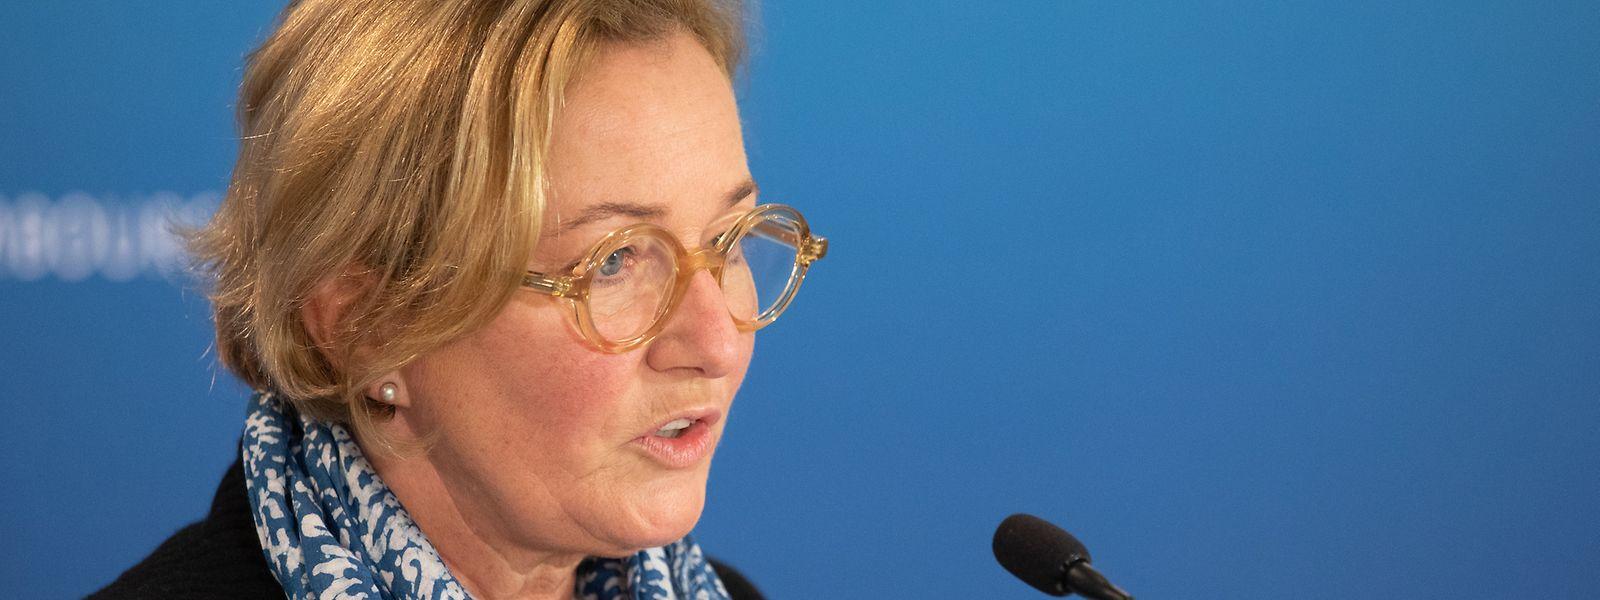 Face à l'ampleur de la deuxième vague Paulette Lenert pourrait annoncer de nouvelles restrictions, trois jours après l'annonce de la mise en place d'un couvre-feu.